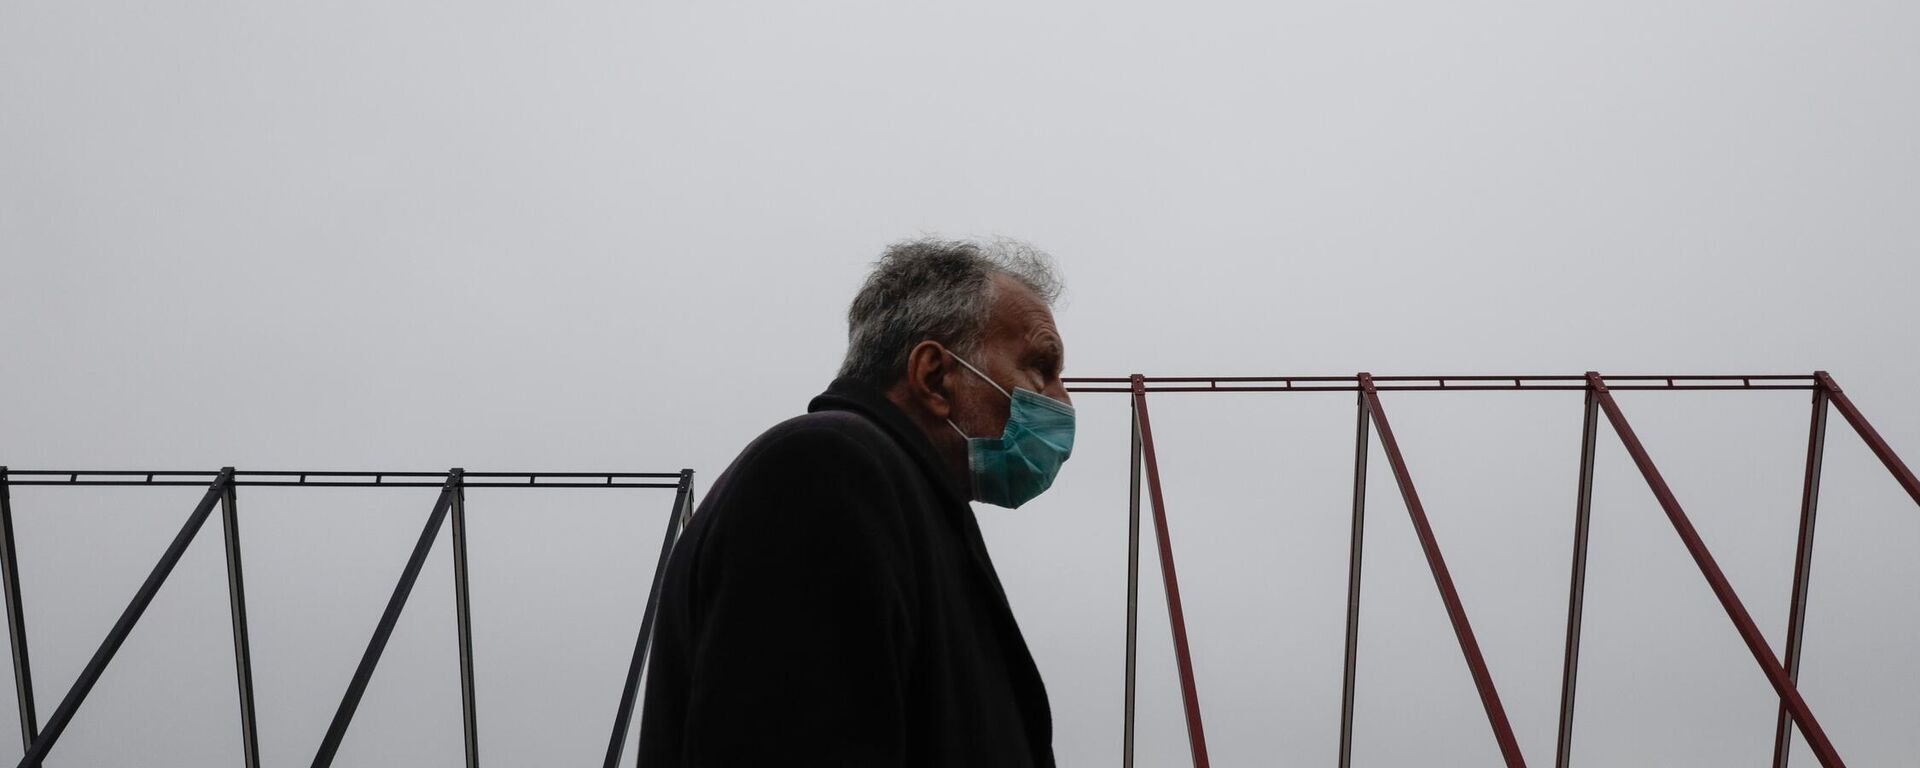 Άνδρας με μάσκα στη Θεσσαλονίκη - Sputnik Ελλάδα, 1920, 12.10.2021